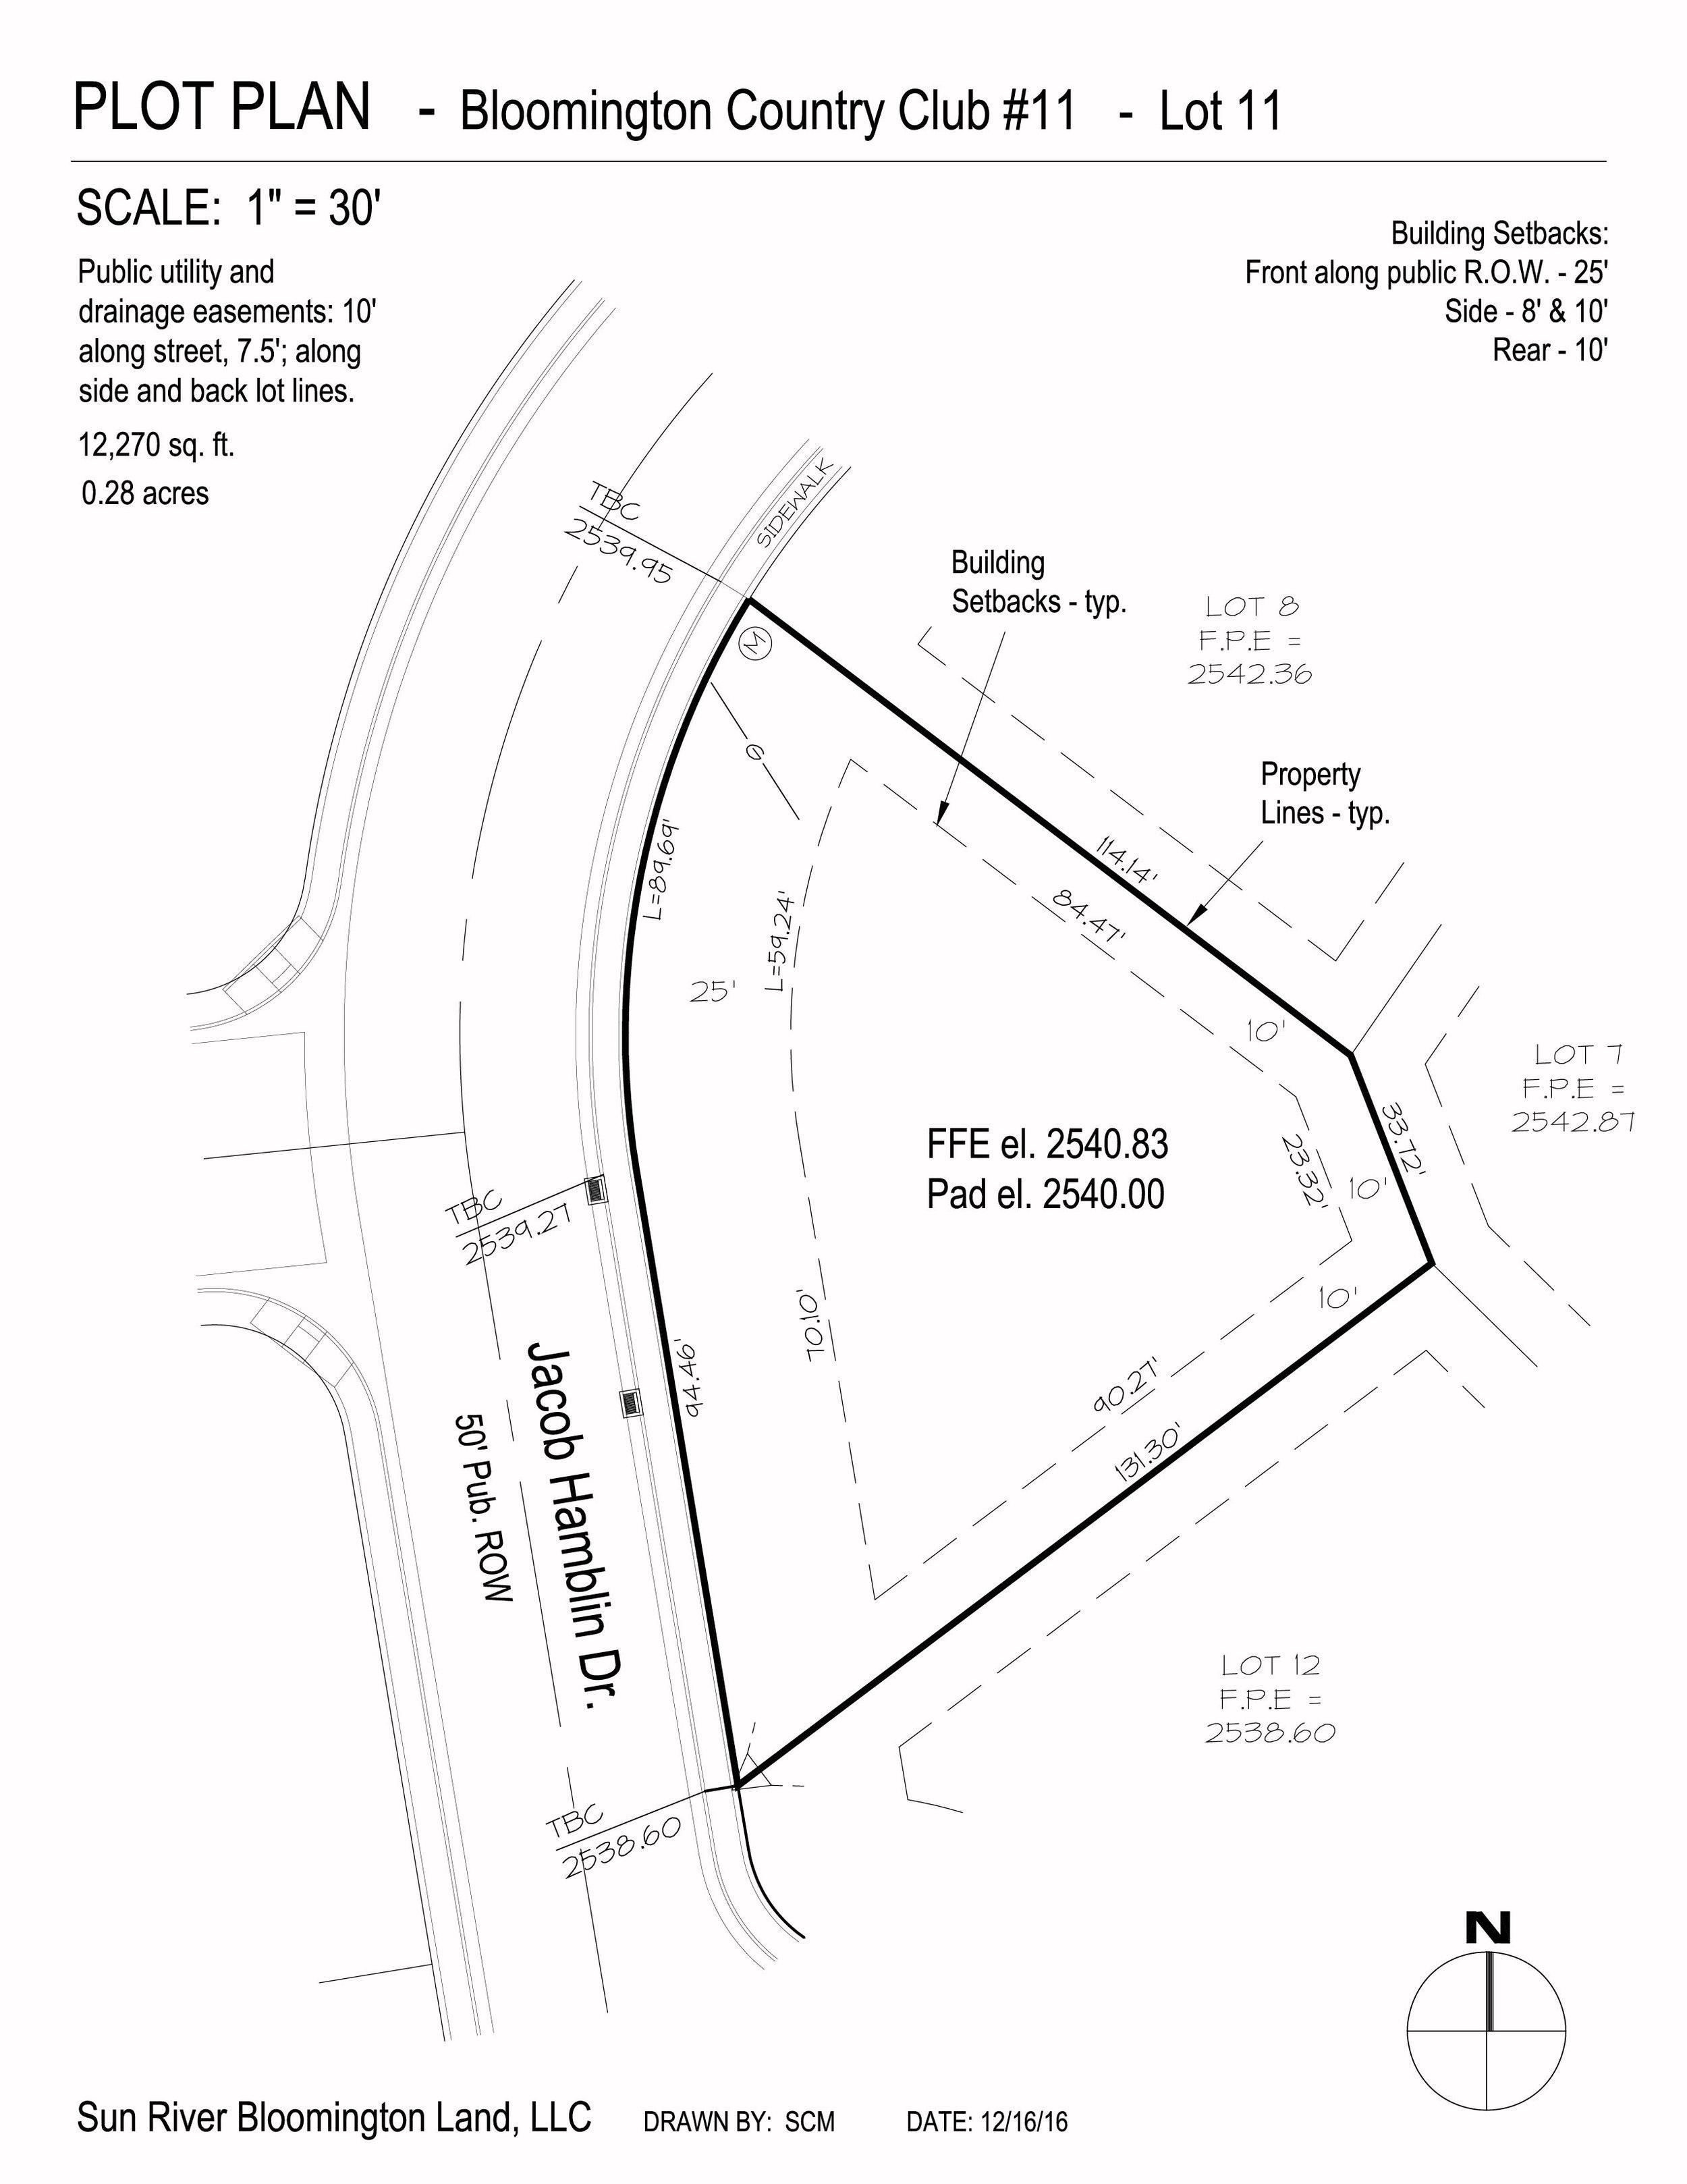 hamblin plot plans-11.jpg